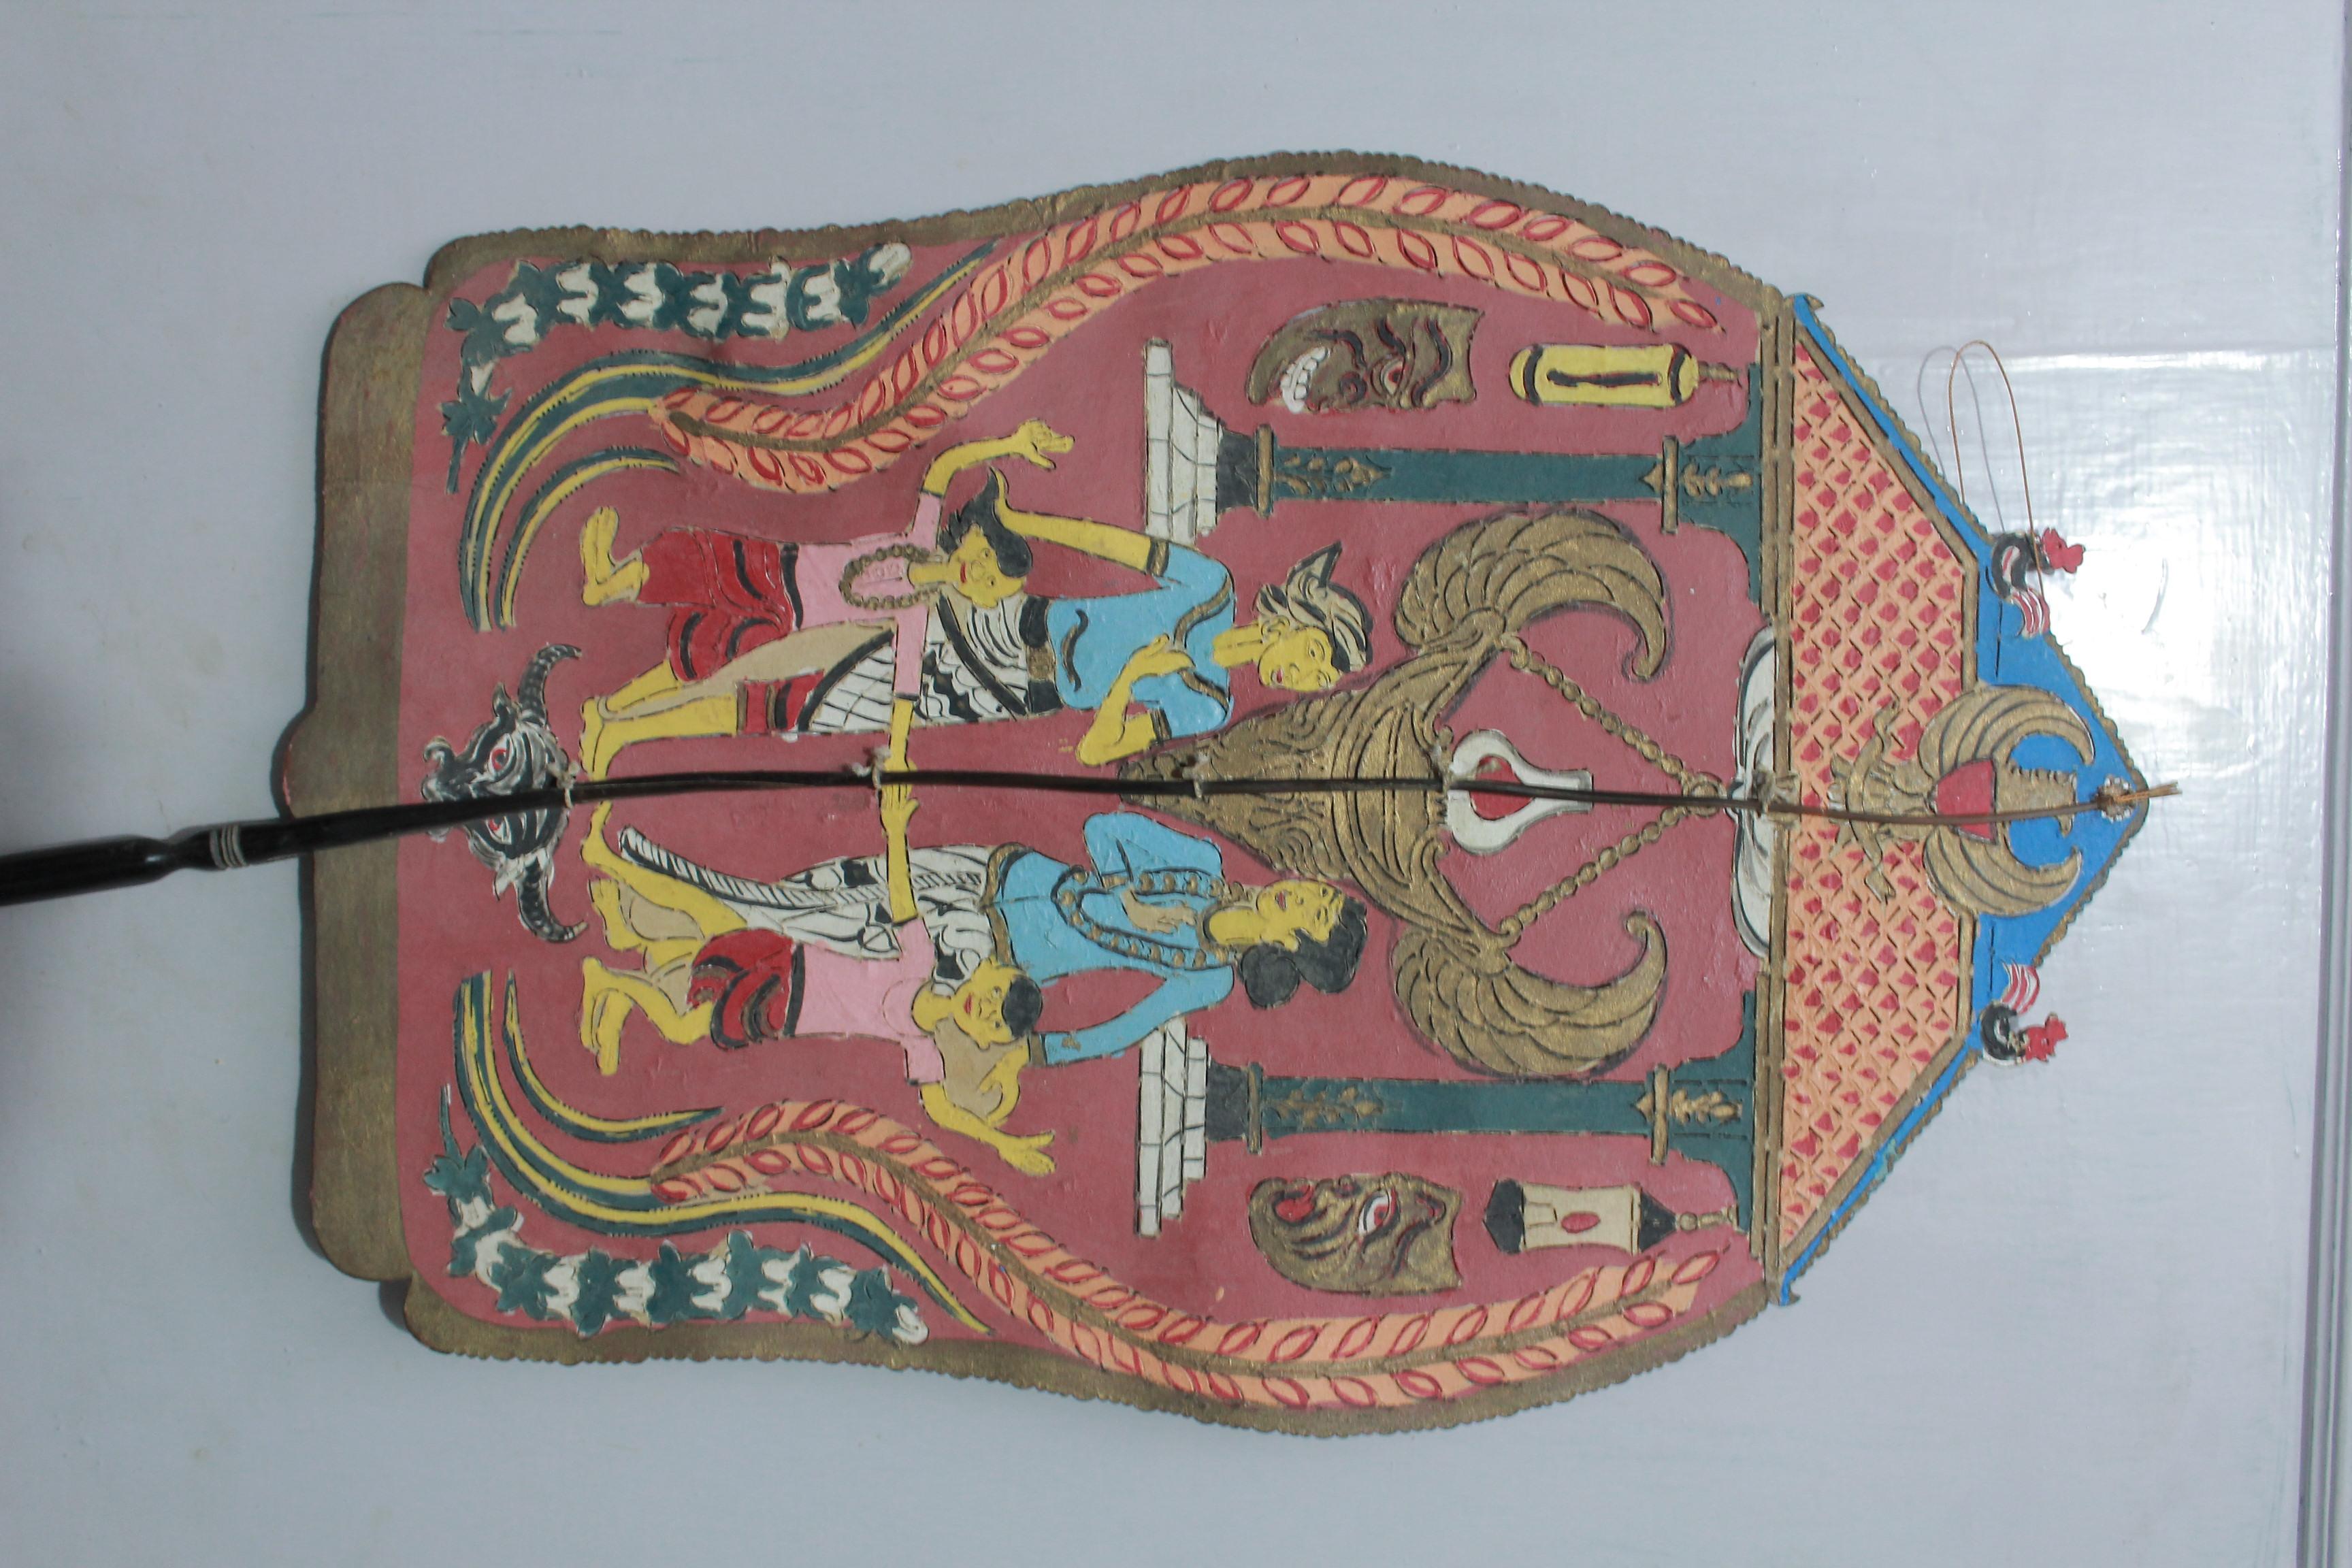 Un <em>kayon</em> pour wayang suluh (également connu sous le nom de wayang perjuangan), histoires créées en 1920 sur la lutte indonésienne pour l'indépendance, représentant la vie quotidienne et les symboles de la nation indonésienne. Collection : Tizar Purbaya.